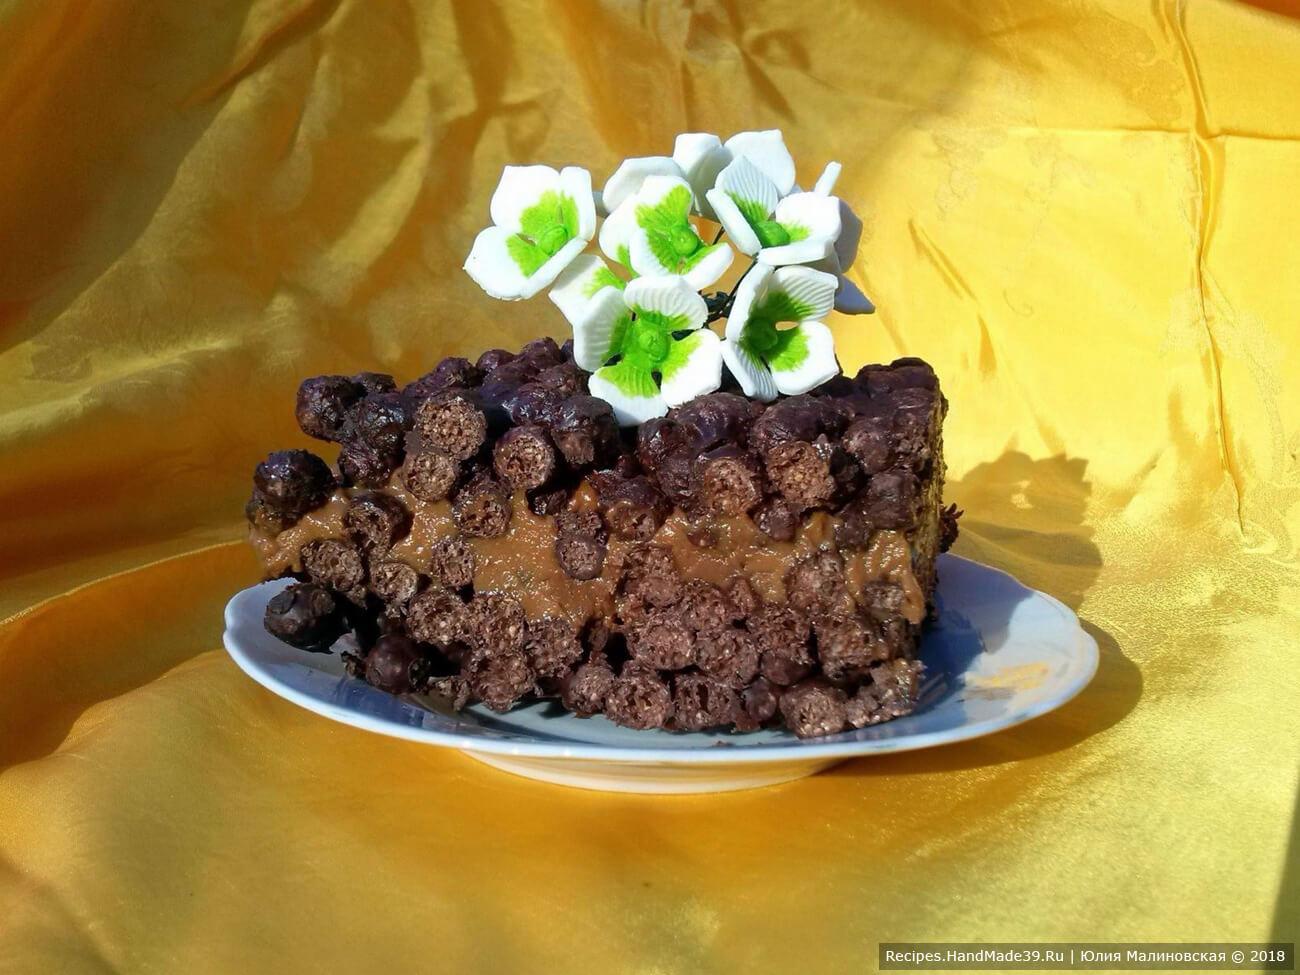 Этот торт можно сделать с варёной сгущёнкой. Для этого шарики выложить в две одинаковые формы, чтобы получить два коржа. Коржи прослоить вареной сгущёнкой